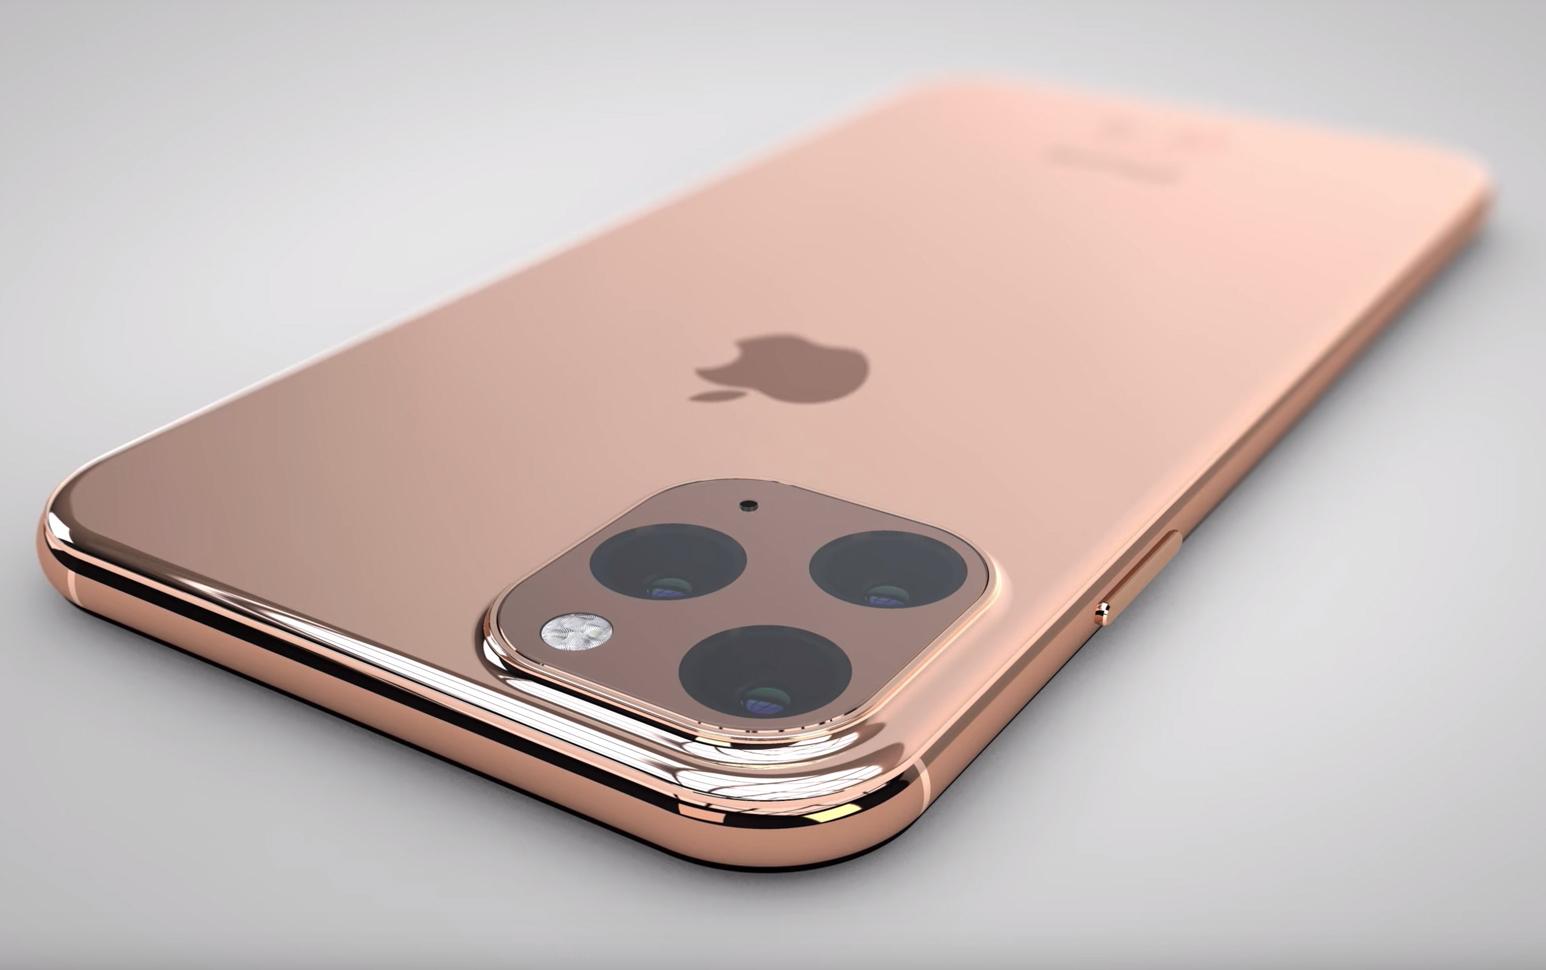 Taptic Engine, absence de 3D Touch, 5G et grand angle sont les nouveautés de l'iPhone 11